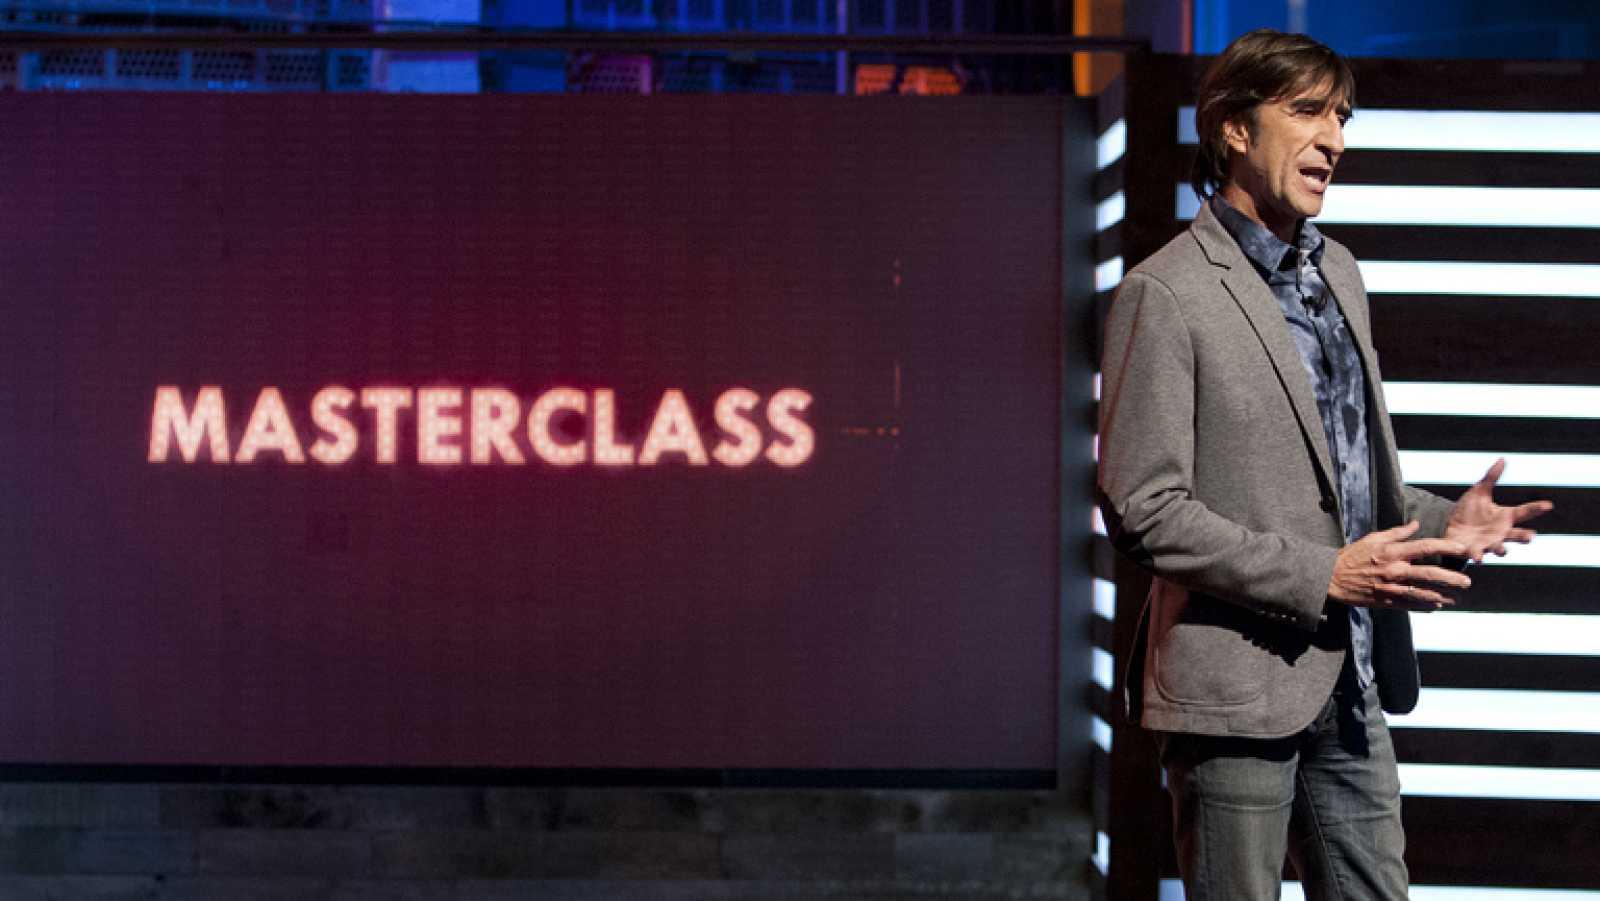 """Masterclass: """"Filosofía uno, cuatro, cero"""", por Benjamín Prado - Ver ahora"""